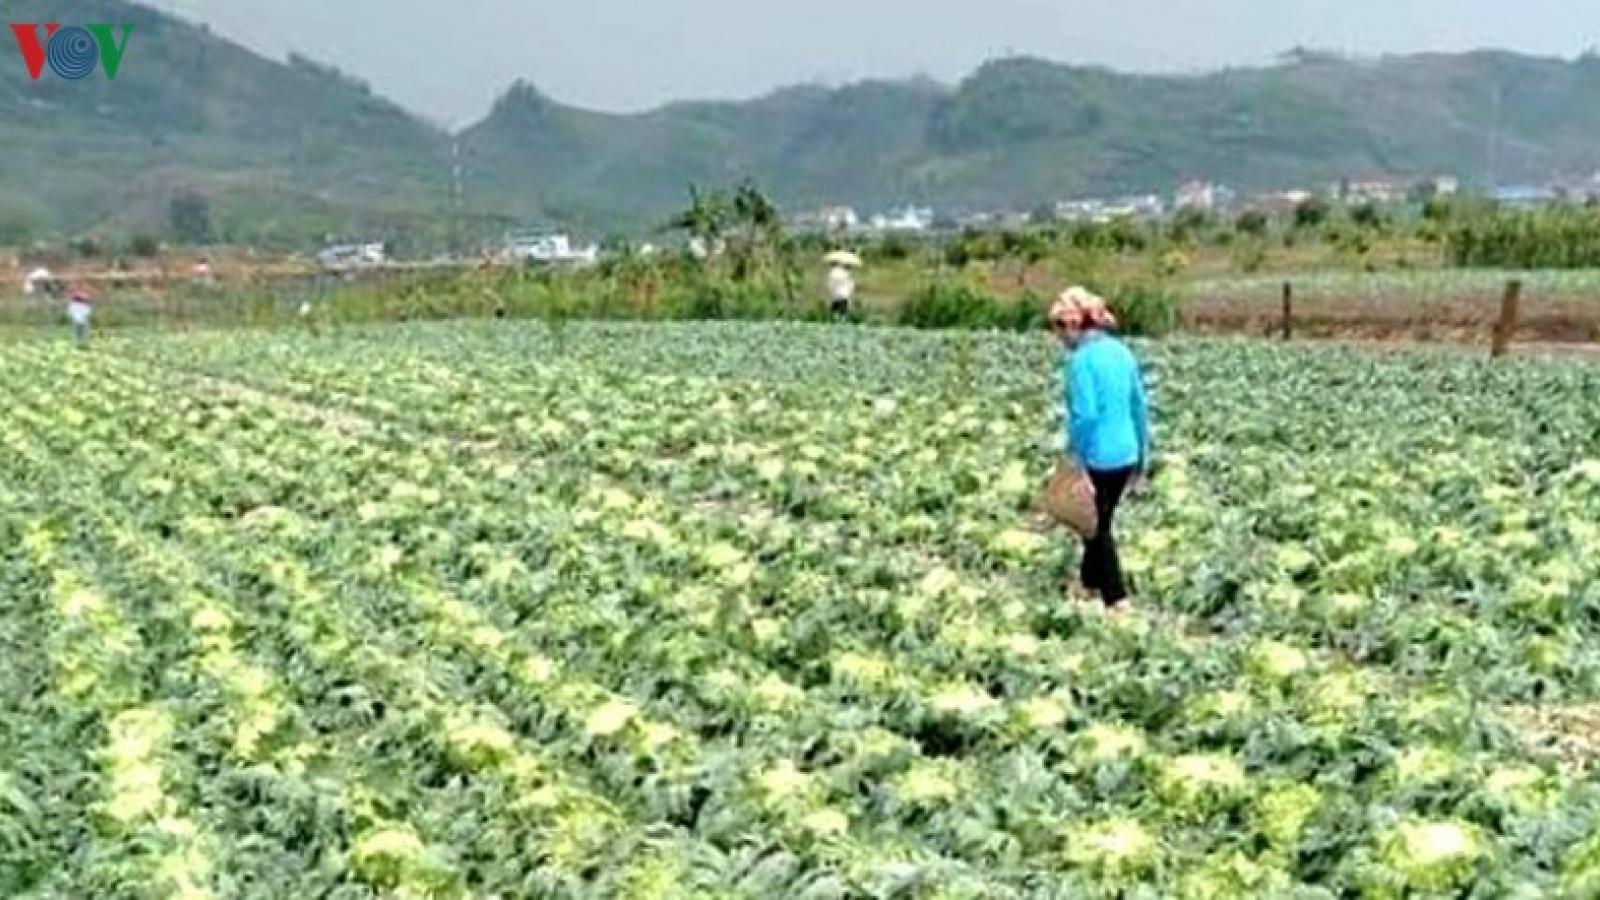 Mưa đá ở Yên Châu (Sơn La) gây thiệt hại khoảng 4,5 tỷ đồng